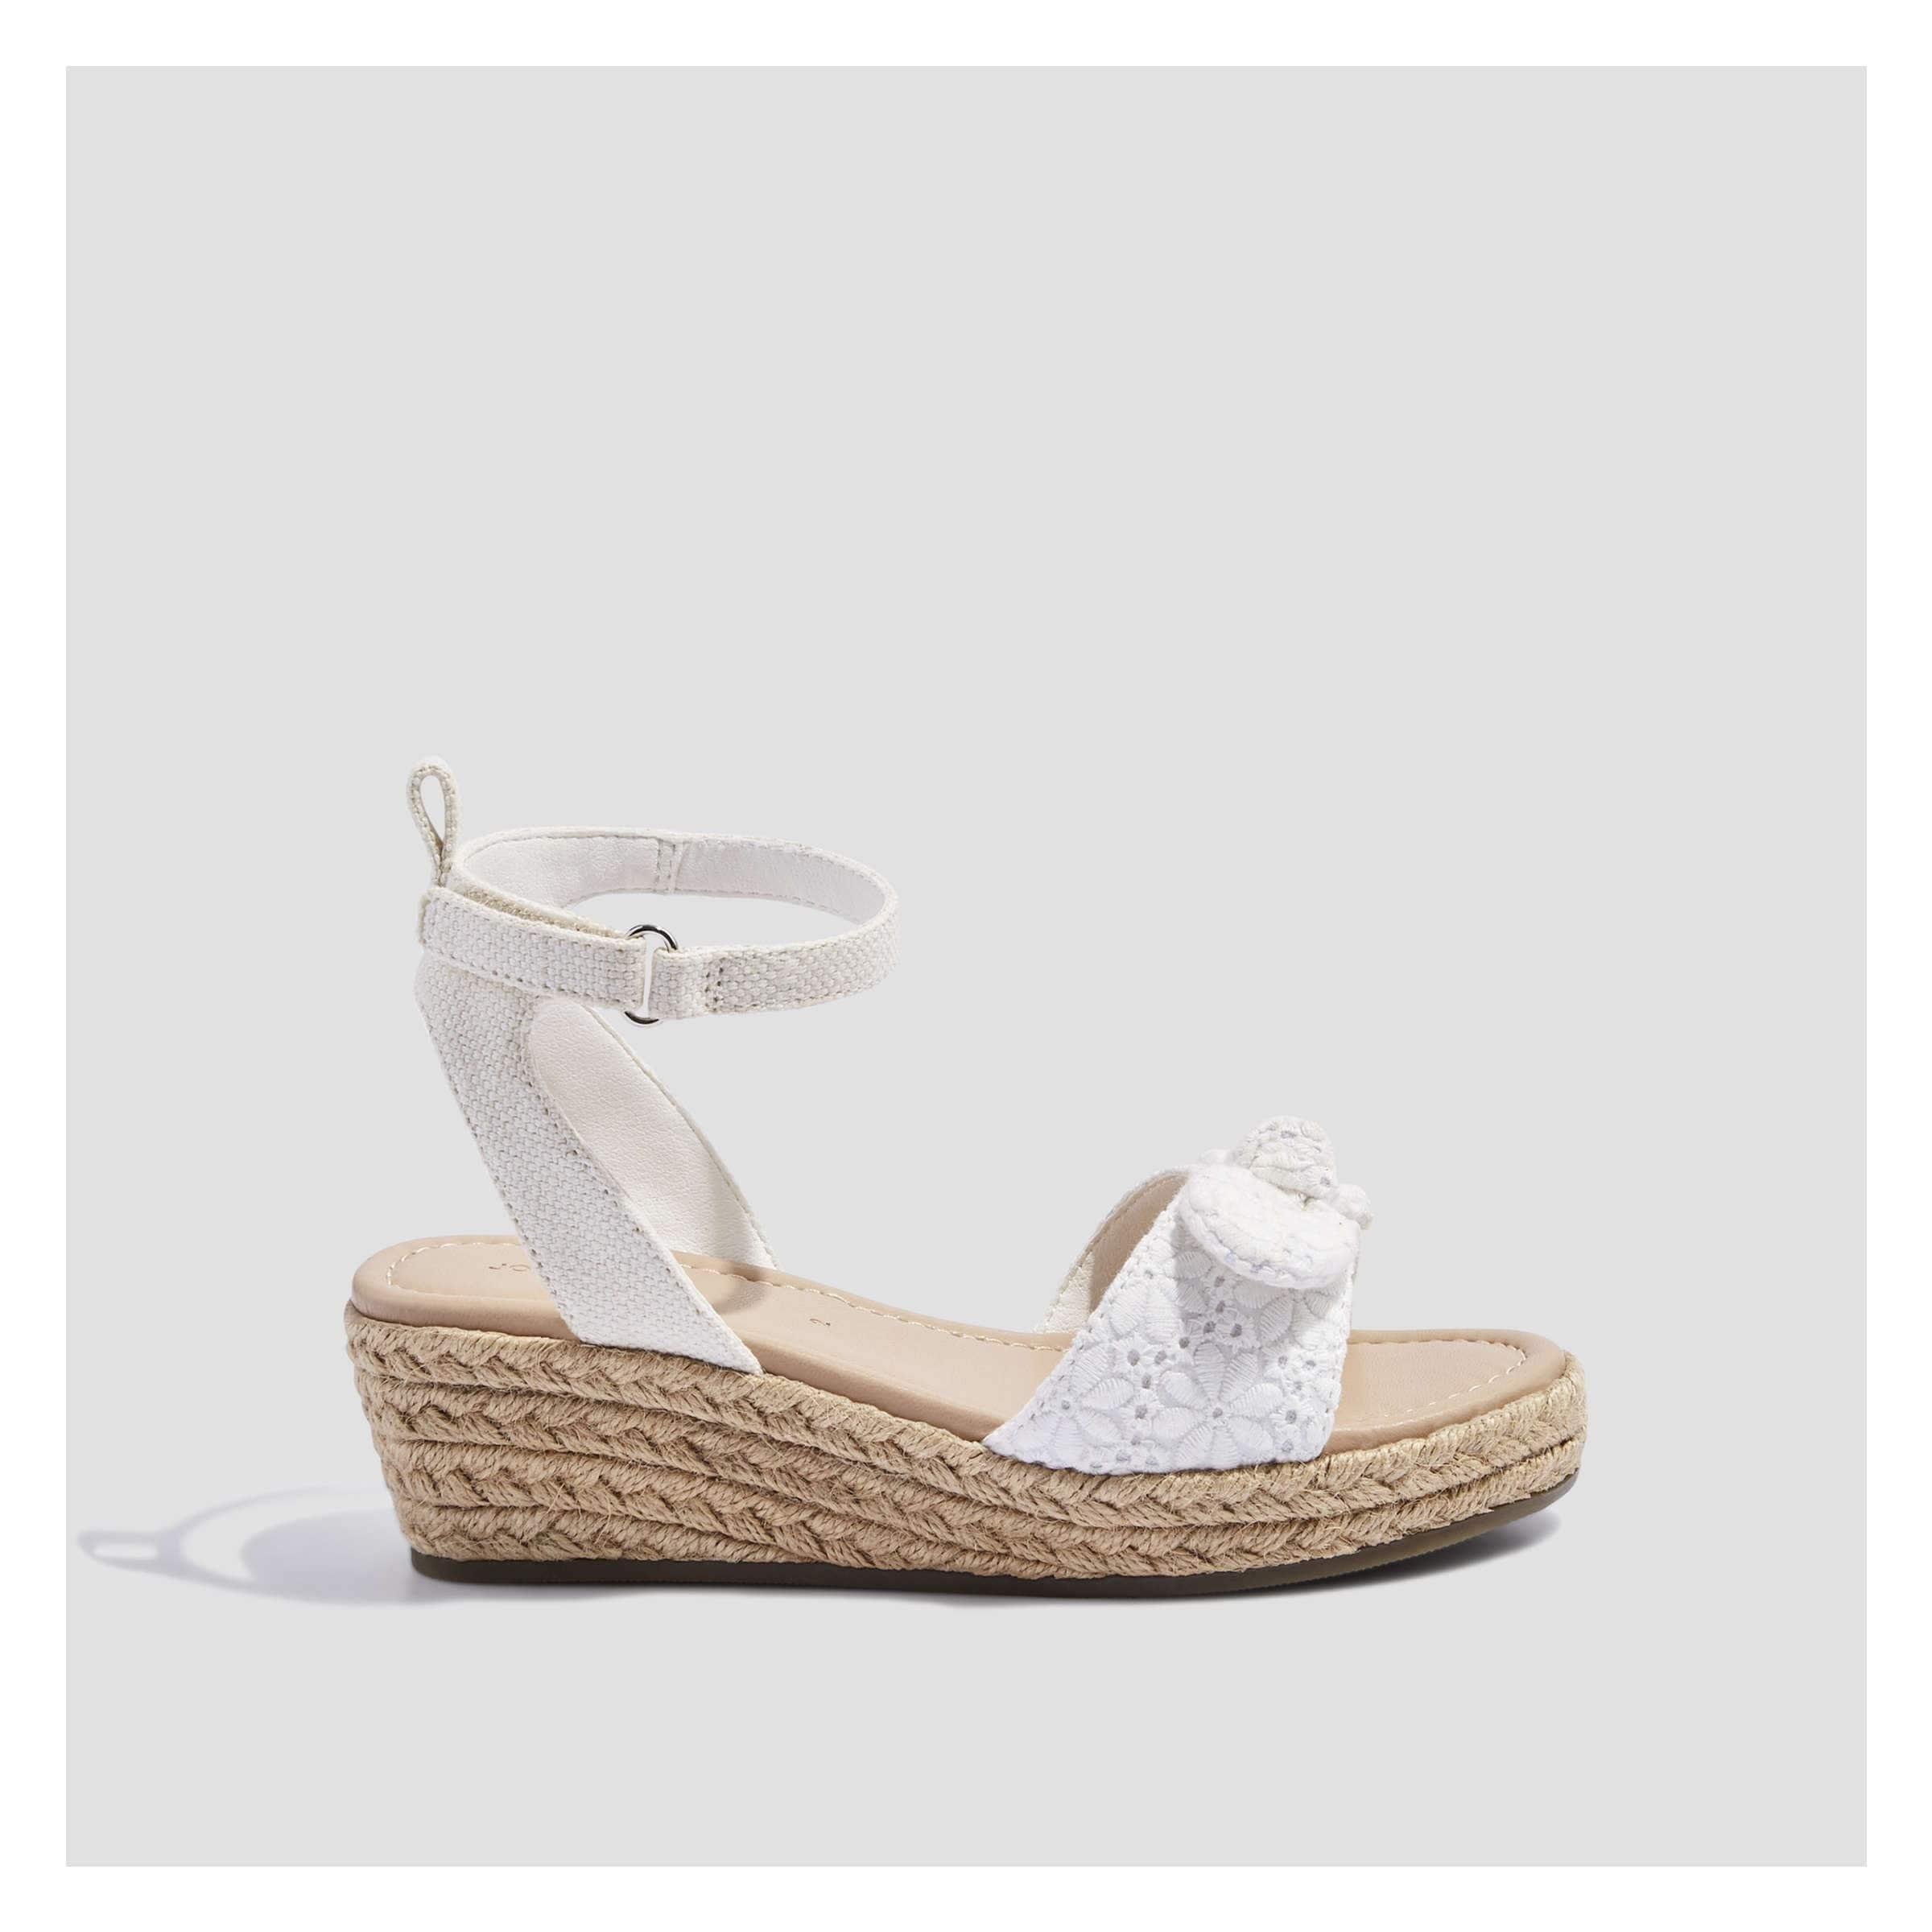 Kid Girls  Eyelet Wedge Sandals in White from Joe Fresh 146cde82ed4d